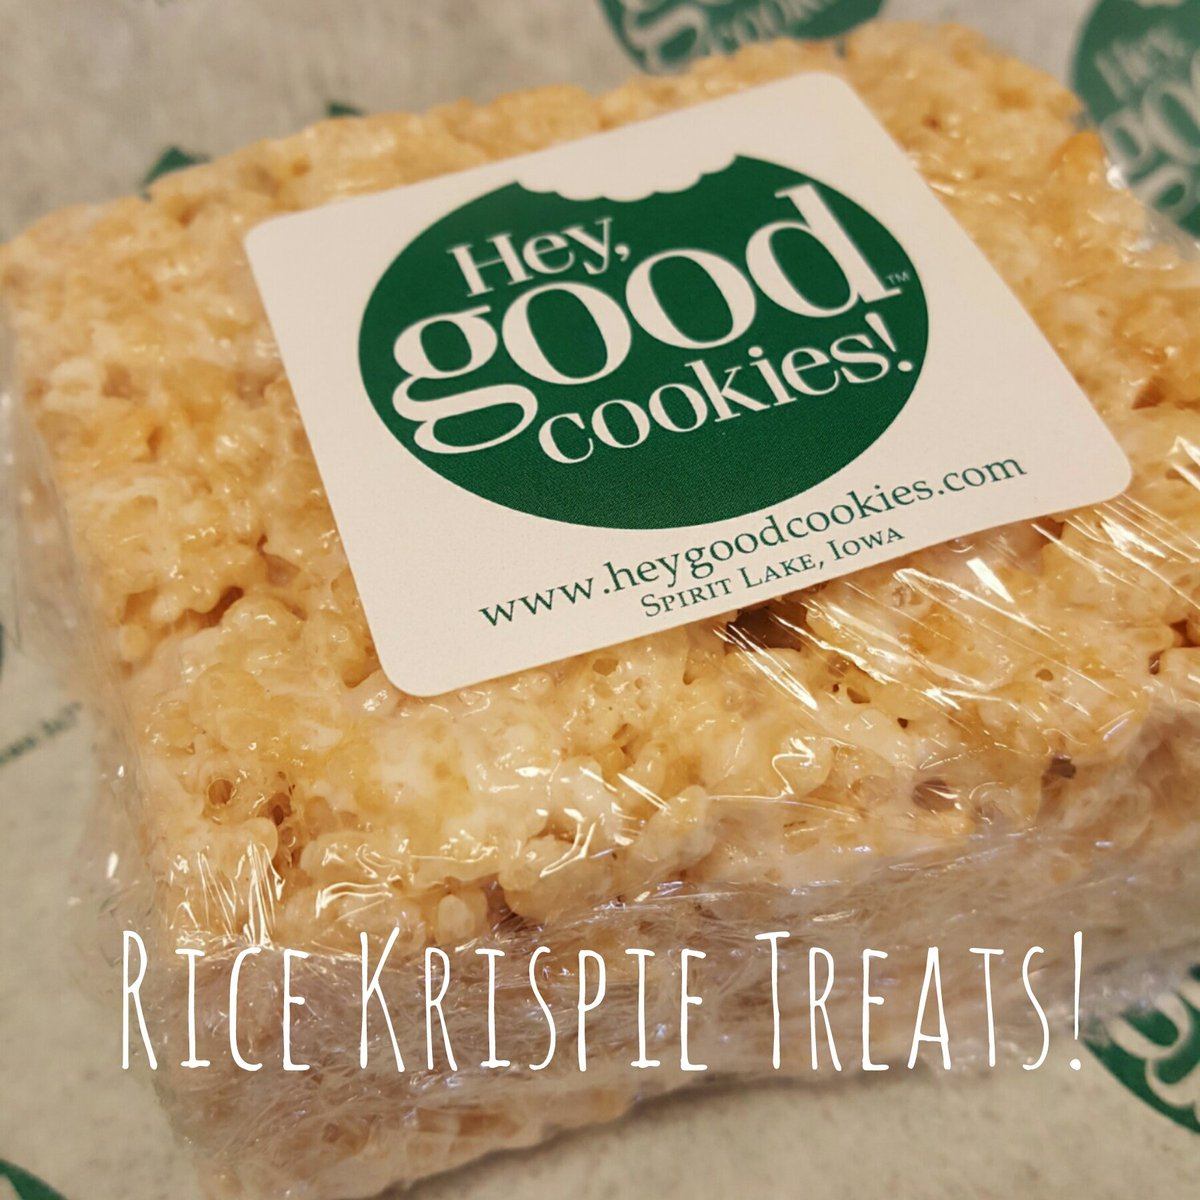 Hey, Good Cookies! (@heygoodcookies1)